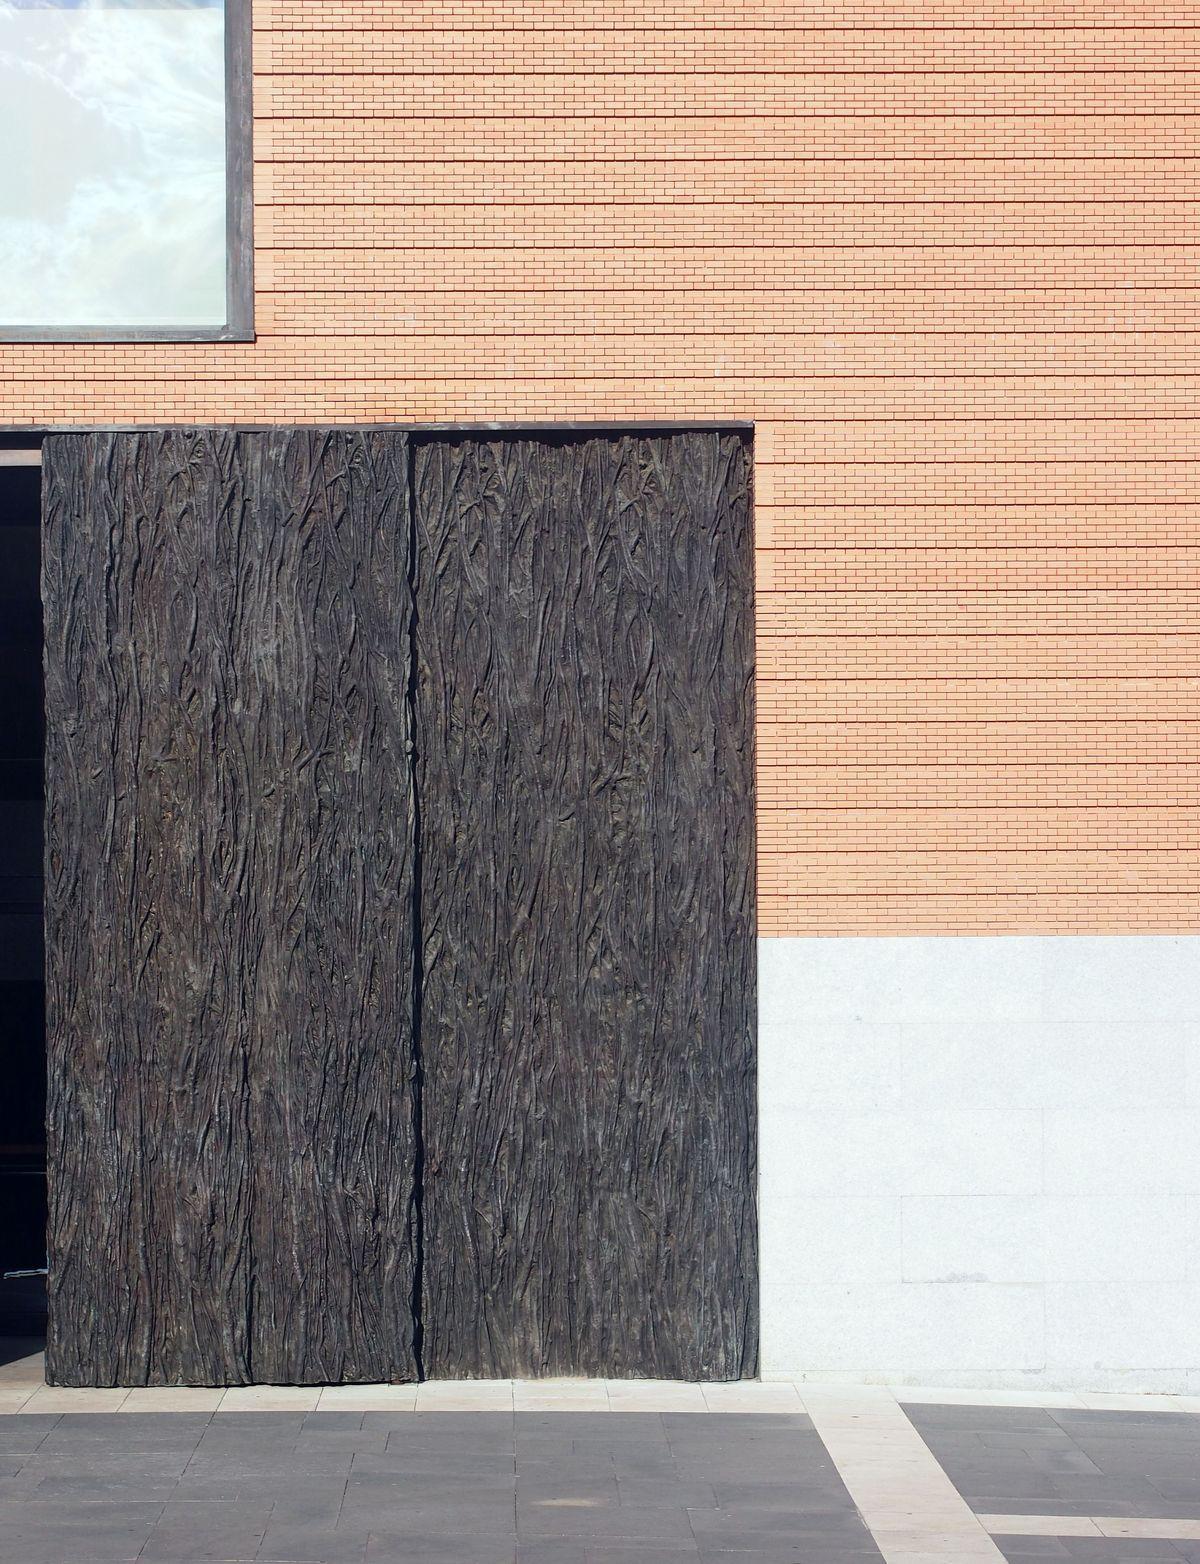 Madrido Prado muziejaus išplėtimo durys-vartai, C.Iglesias, 2007 m., Foto: ©PILOTAS.LT